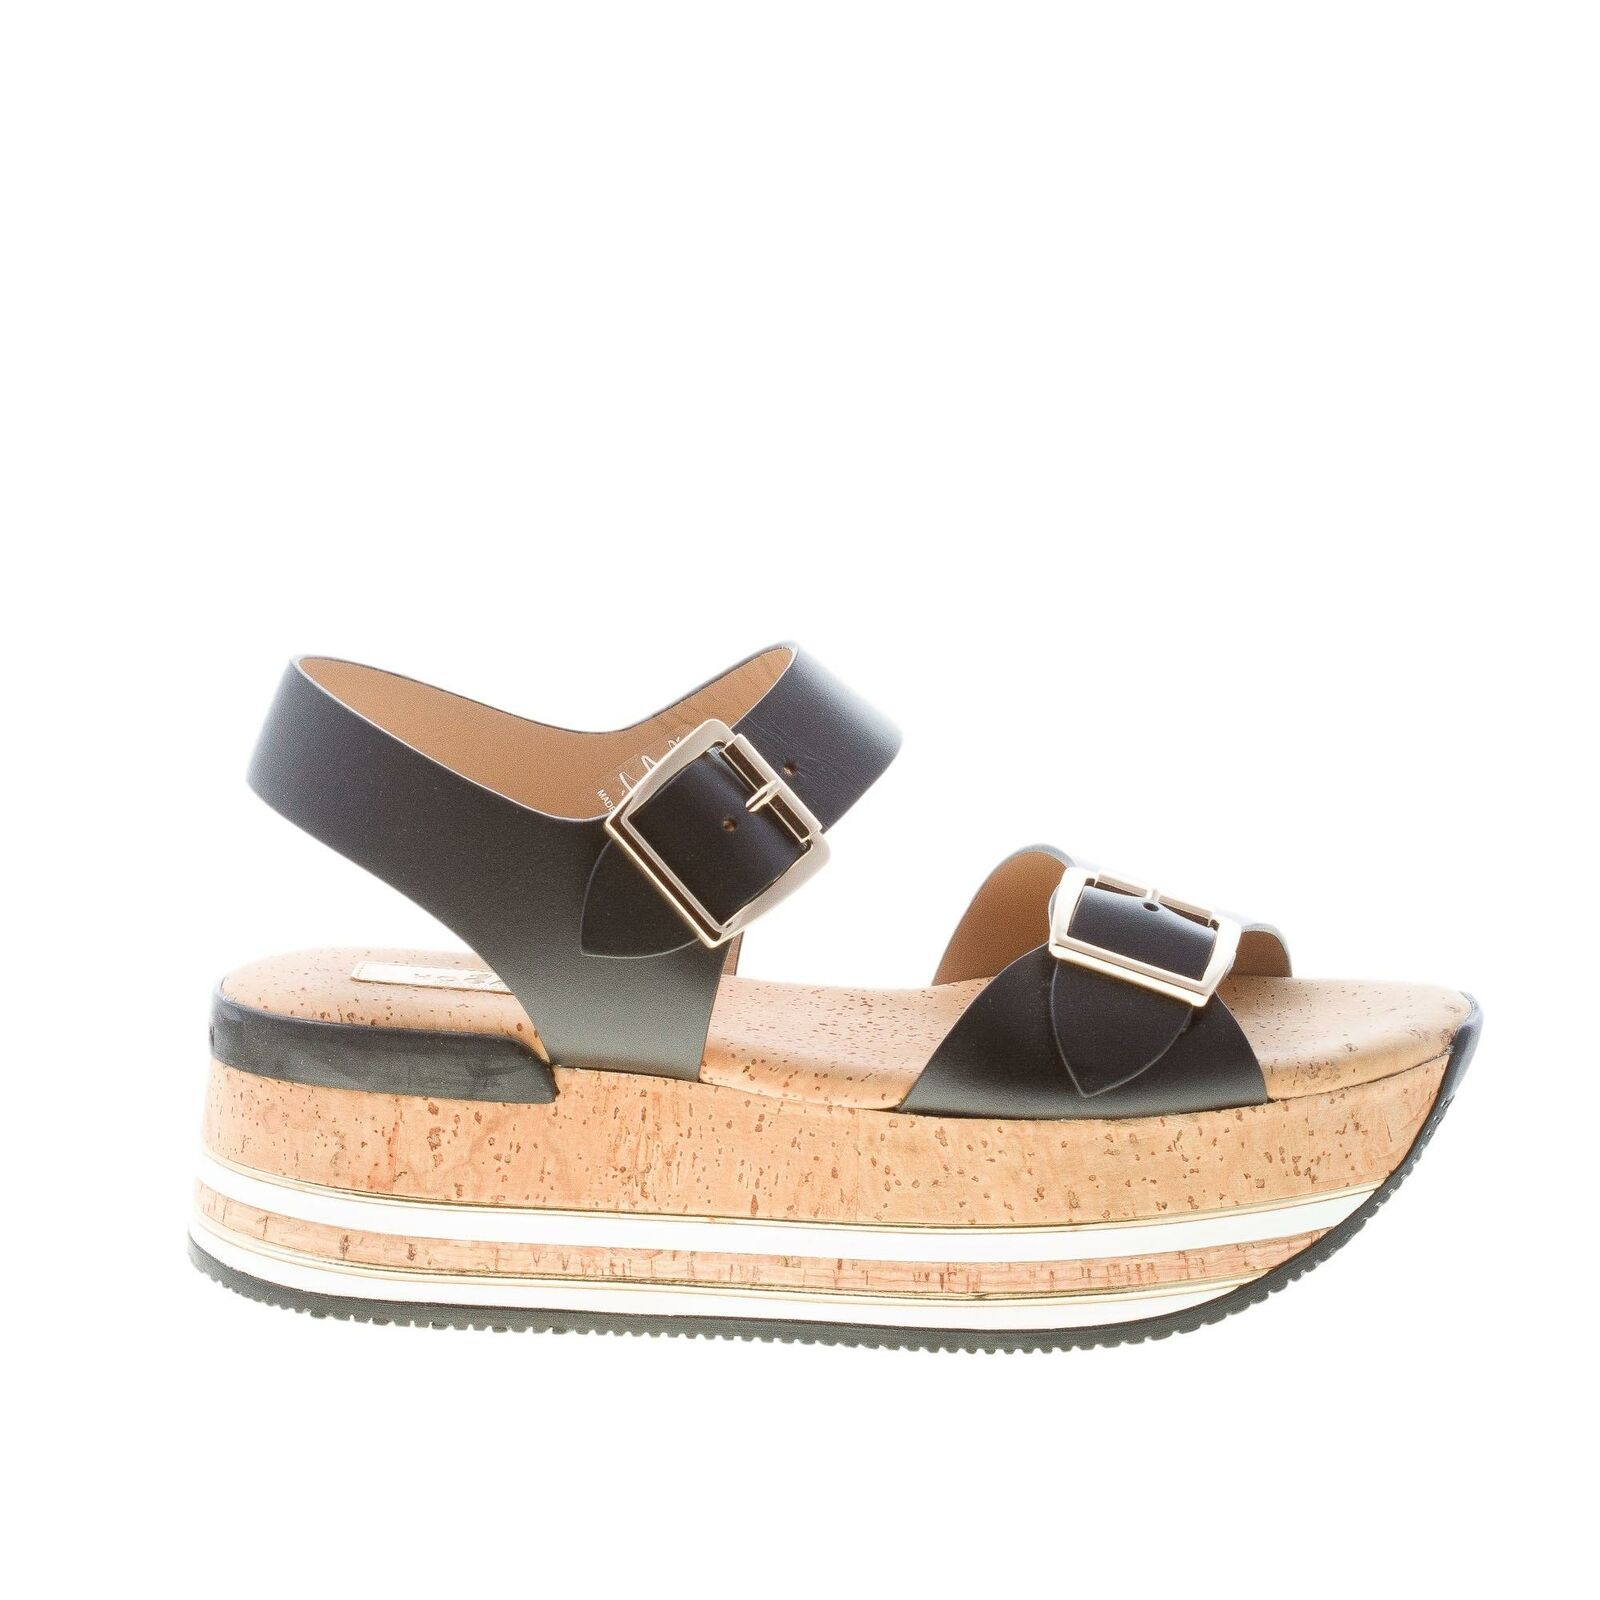 HOGAN damen schuhe H354 schwarz leder sandal maxi schnalle kork keil      Kostengünstig